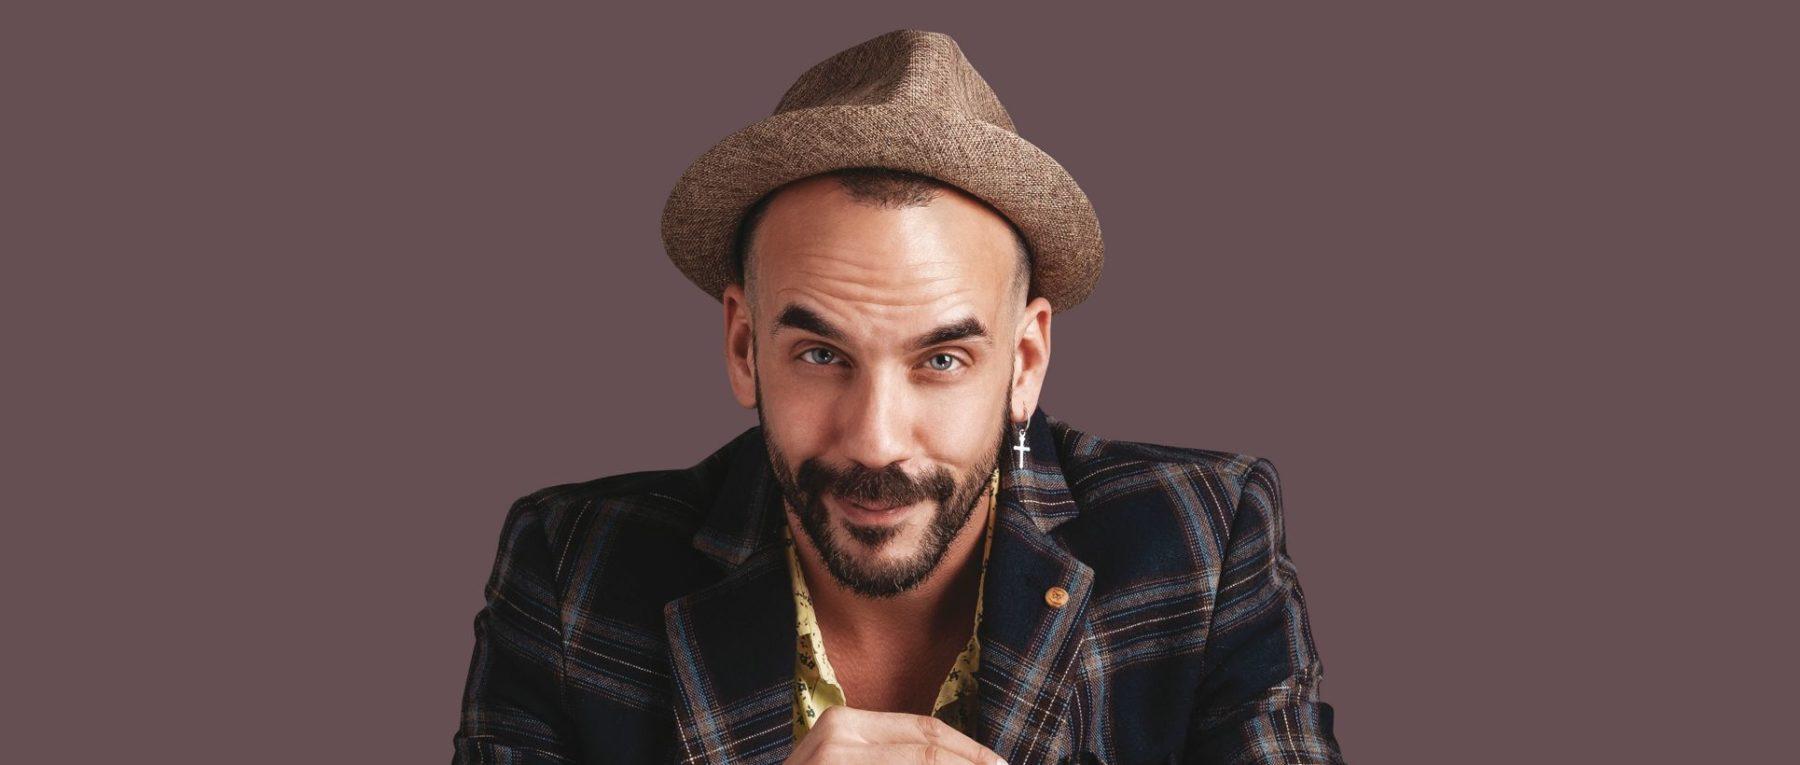 Πάνος Μουζουράκης: «Δεν με ενδιαφέρει να κάνω παιδί - Δε νιώθω ότι έχω κάτι να μάθω σε κάποιον άλλον»